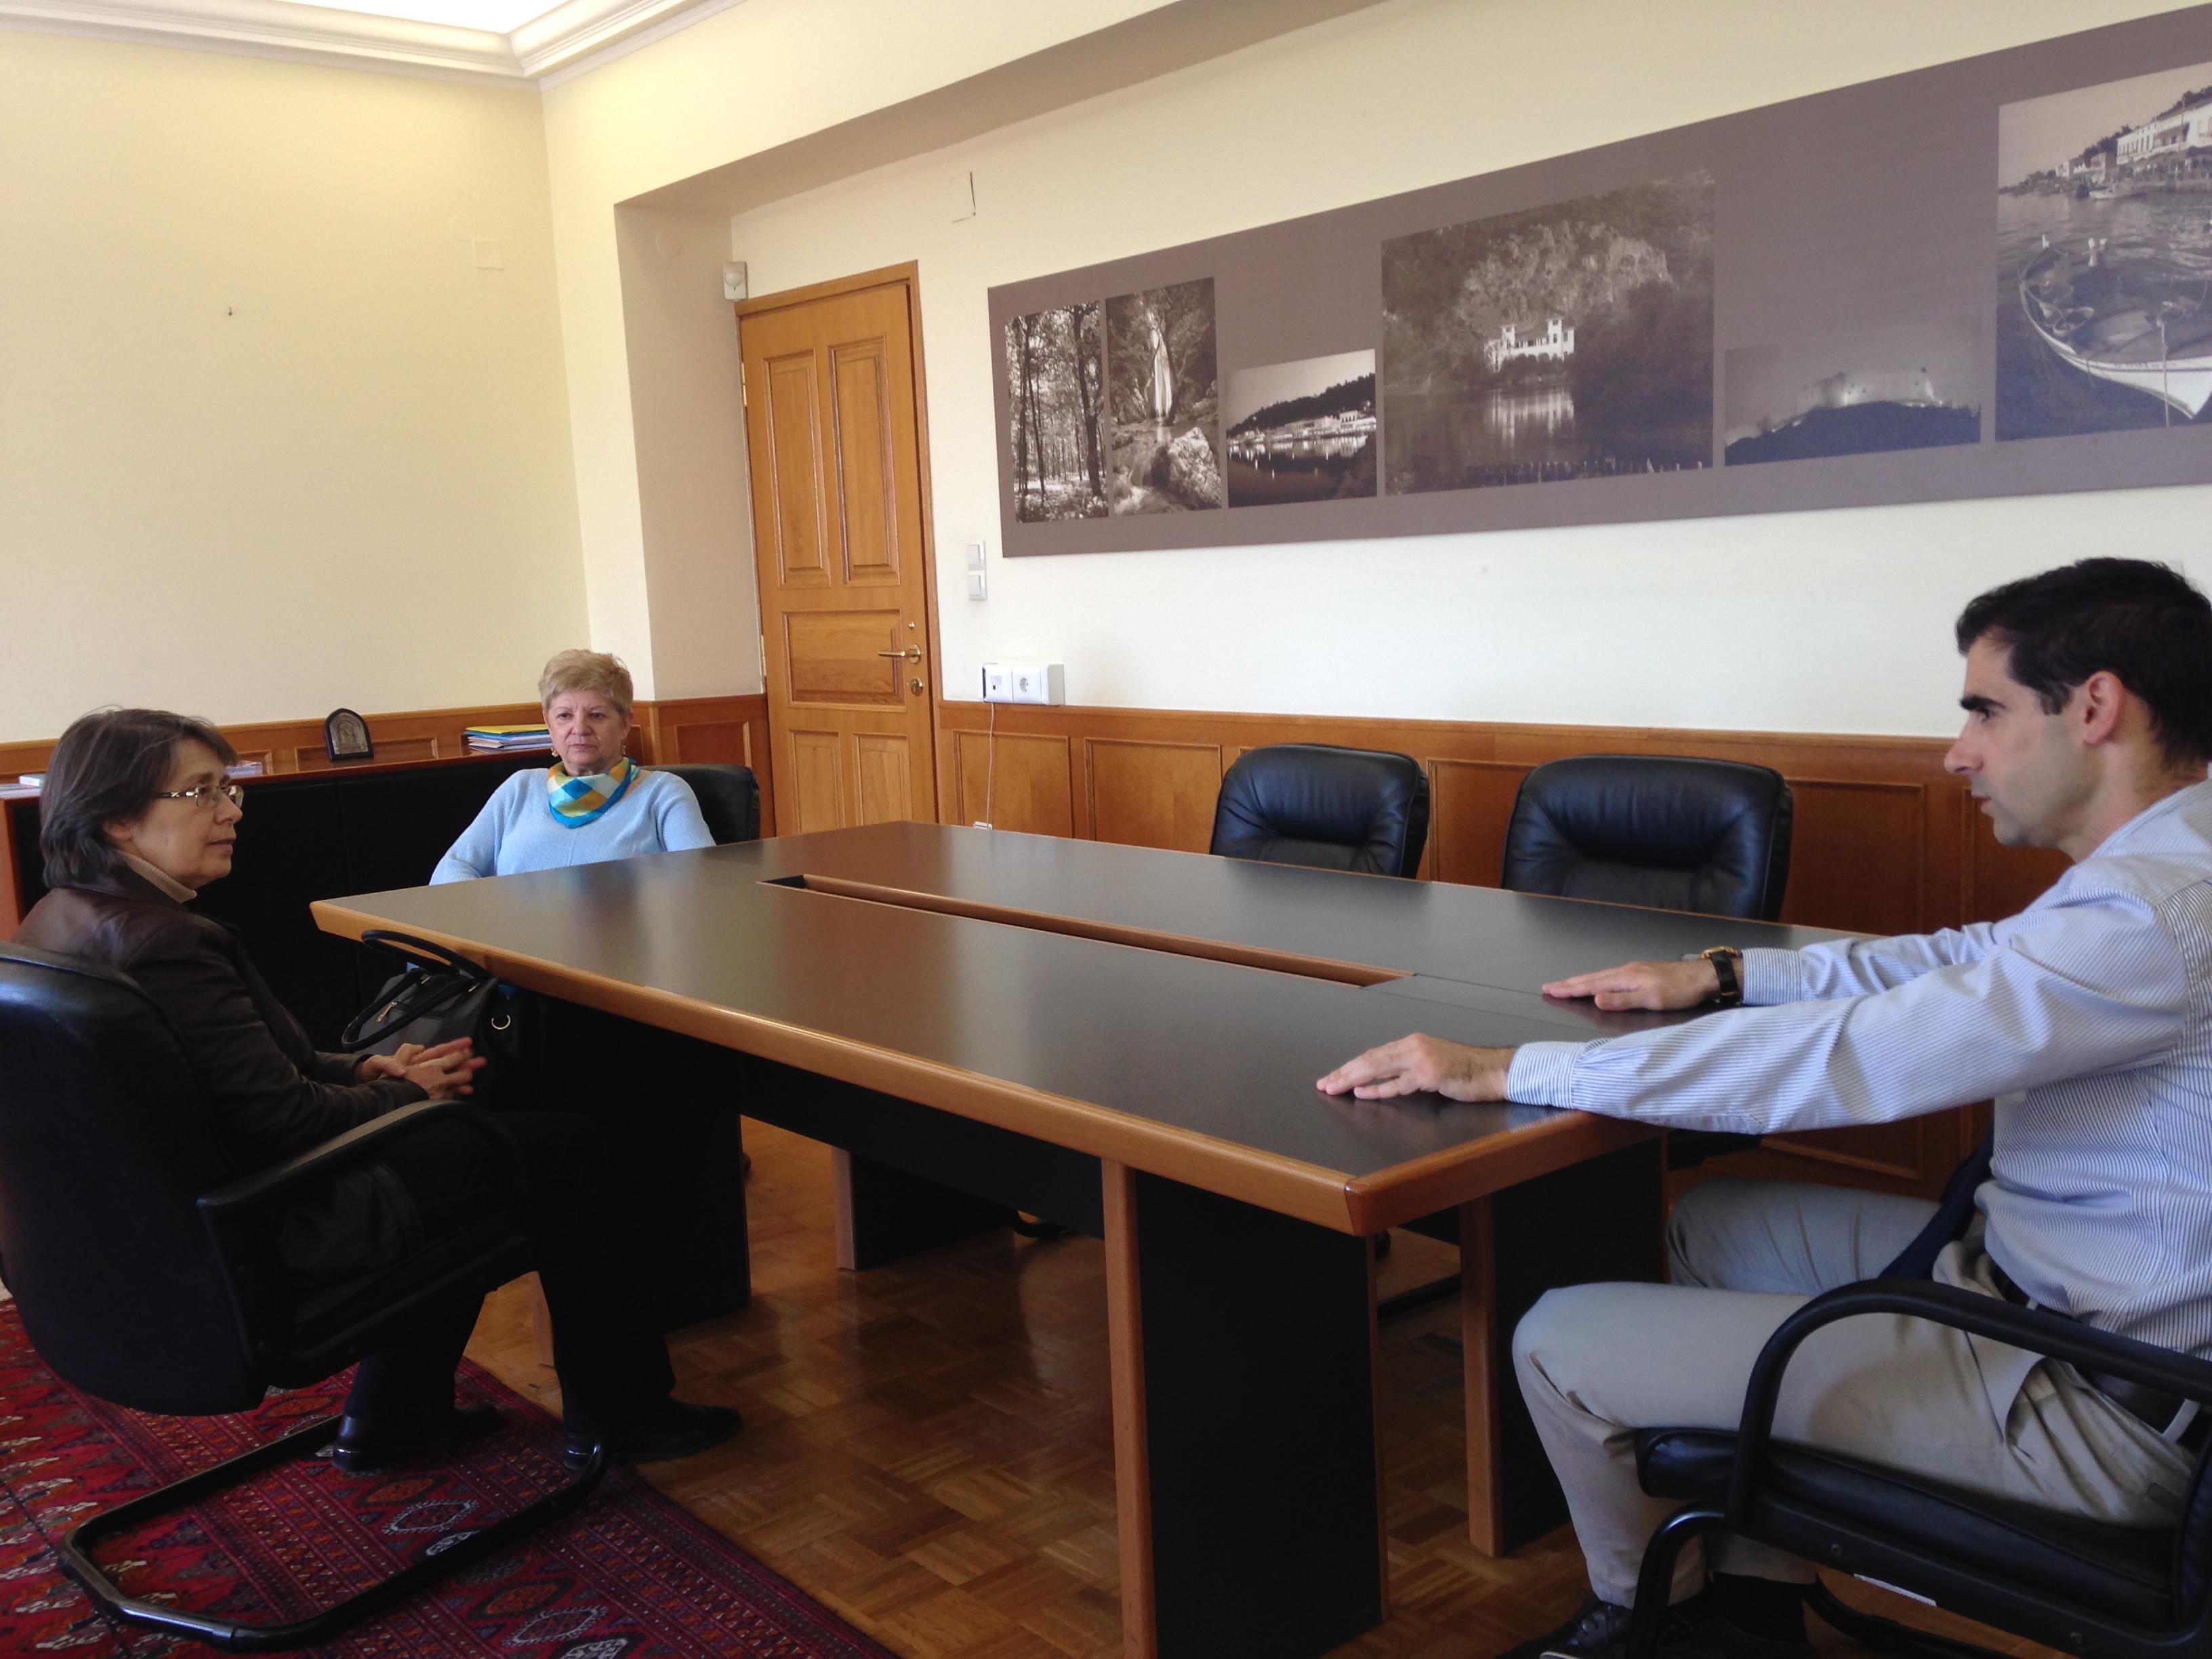 Πύργος: Συνεργασία Αντιπεριφερειάρχη Π.Ε Ηλείας Β. Γιαννόπουλου με εκπροσώπους του εμπορικού κόσμου